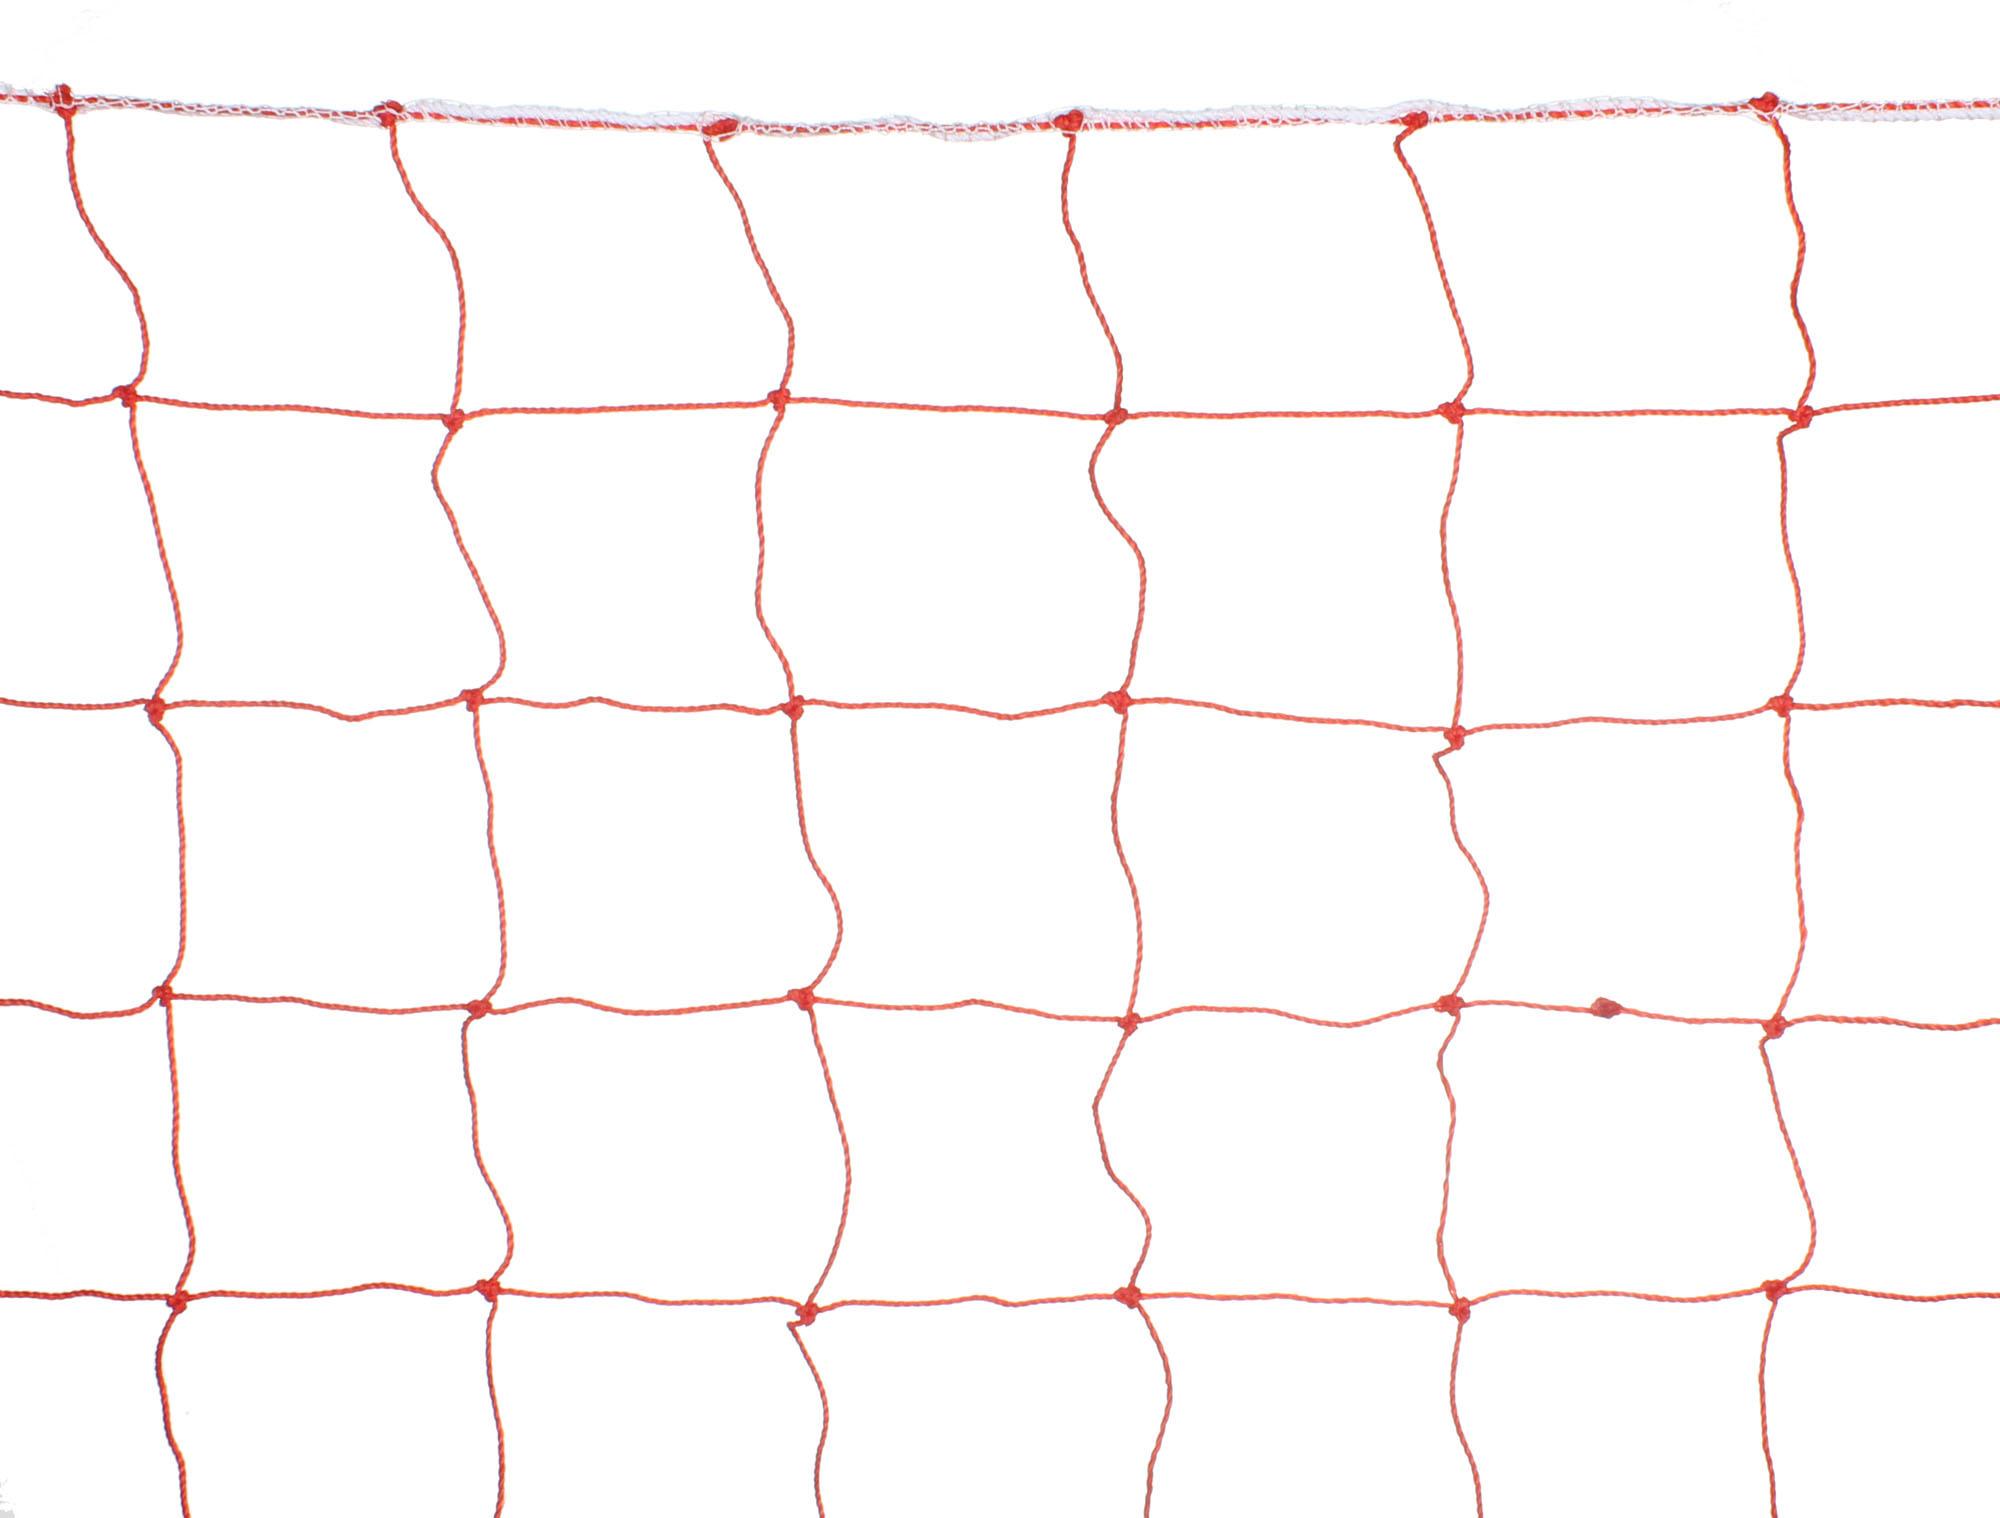 Сетка для горнолыжных трасс и склонов, ячейка 100x100 мм, нить 2,2 мм, цвет красный